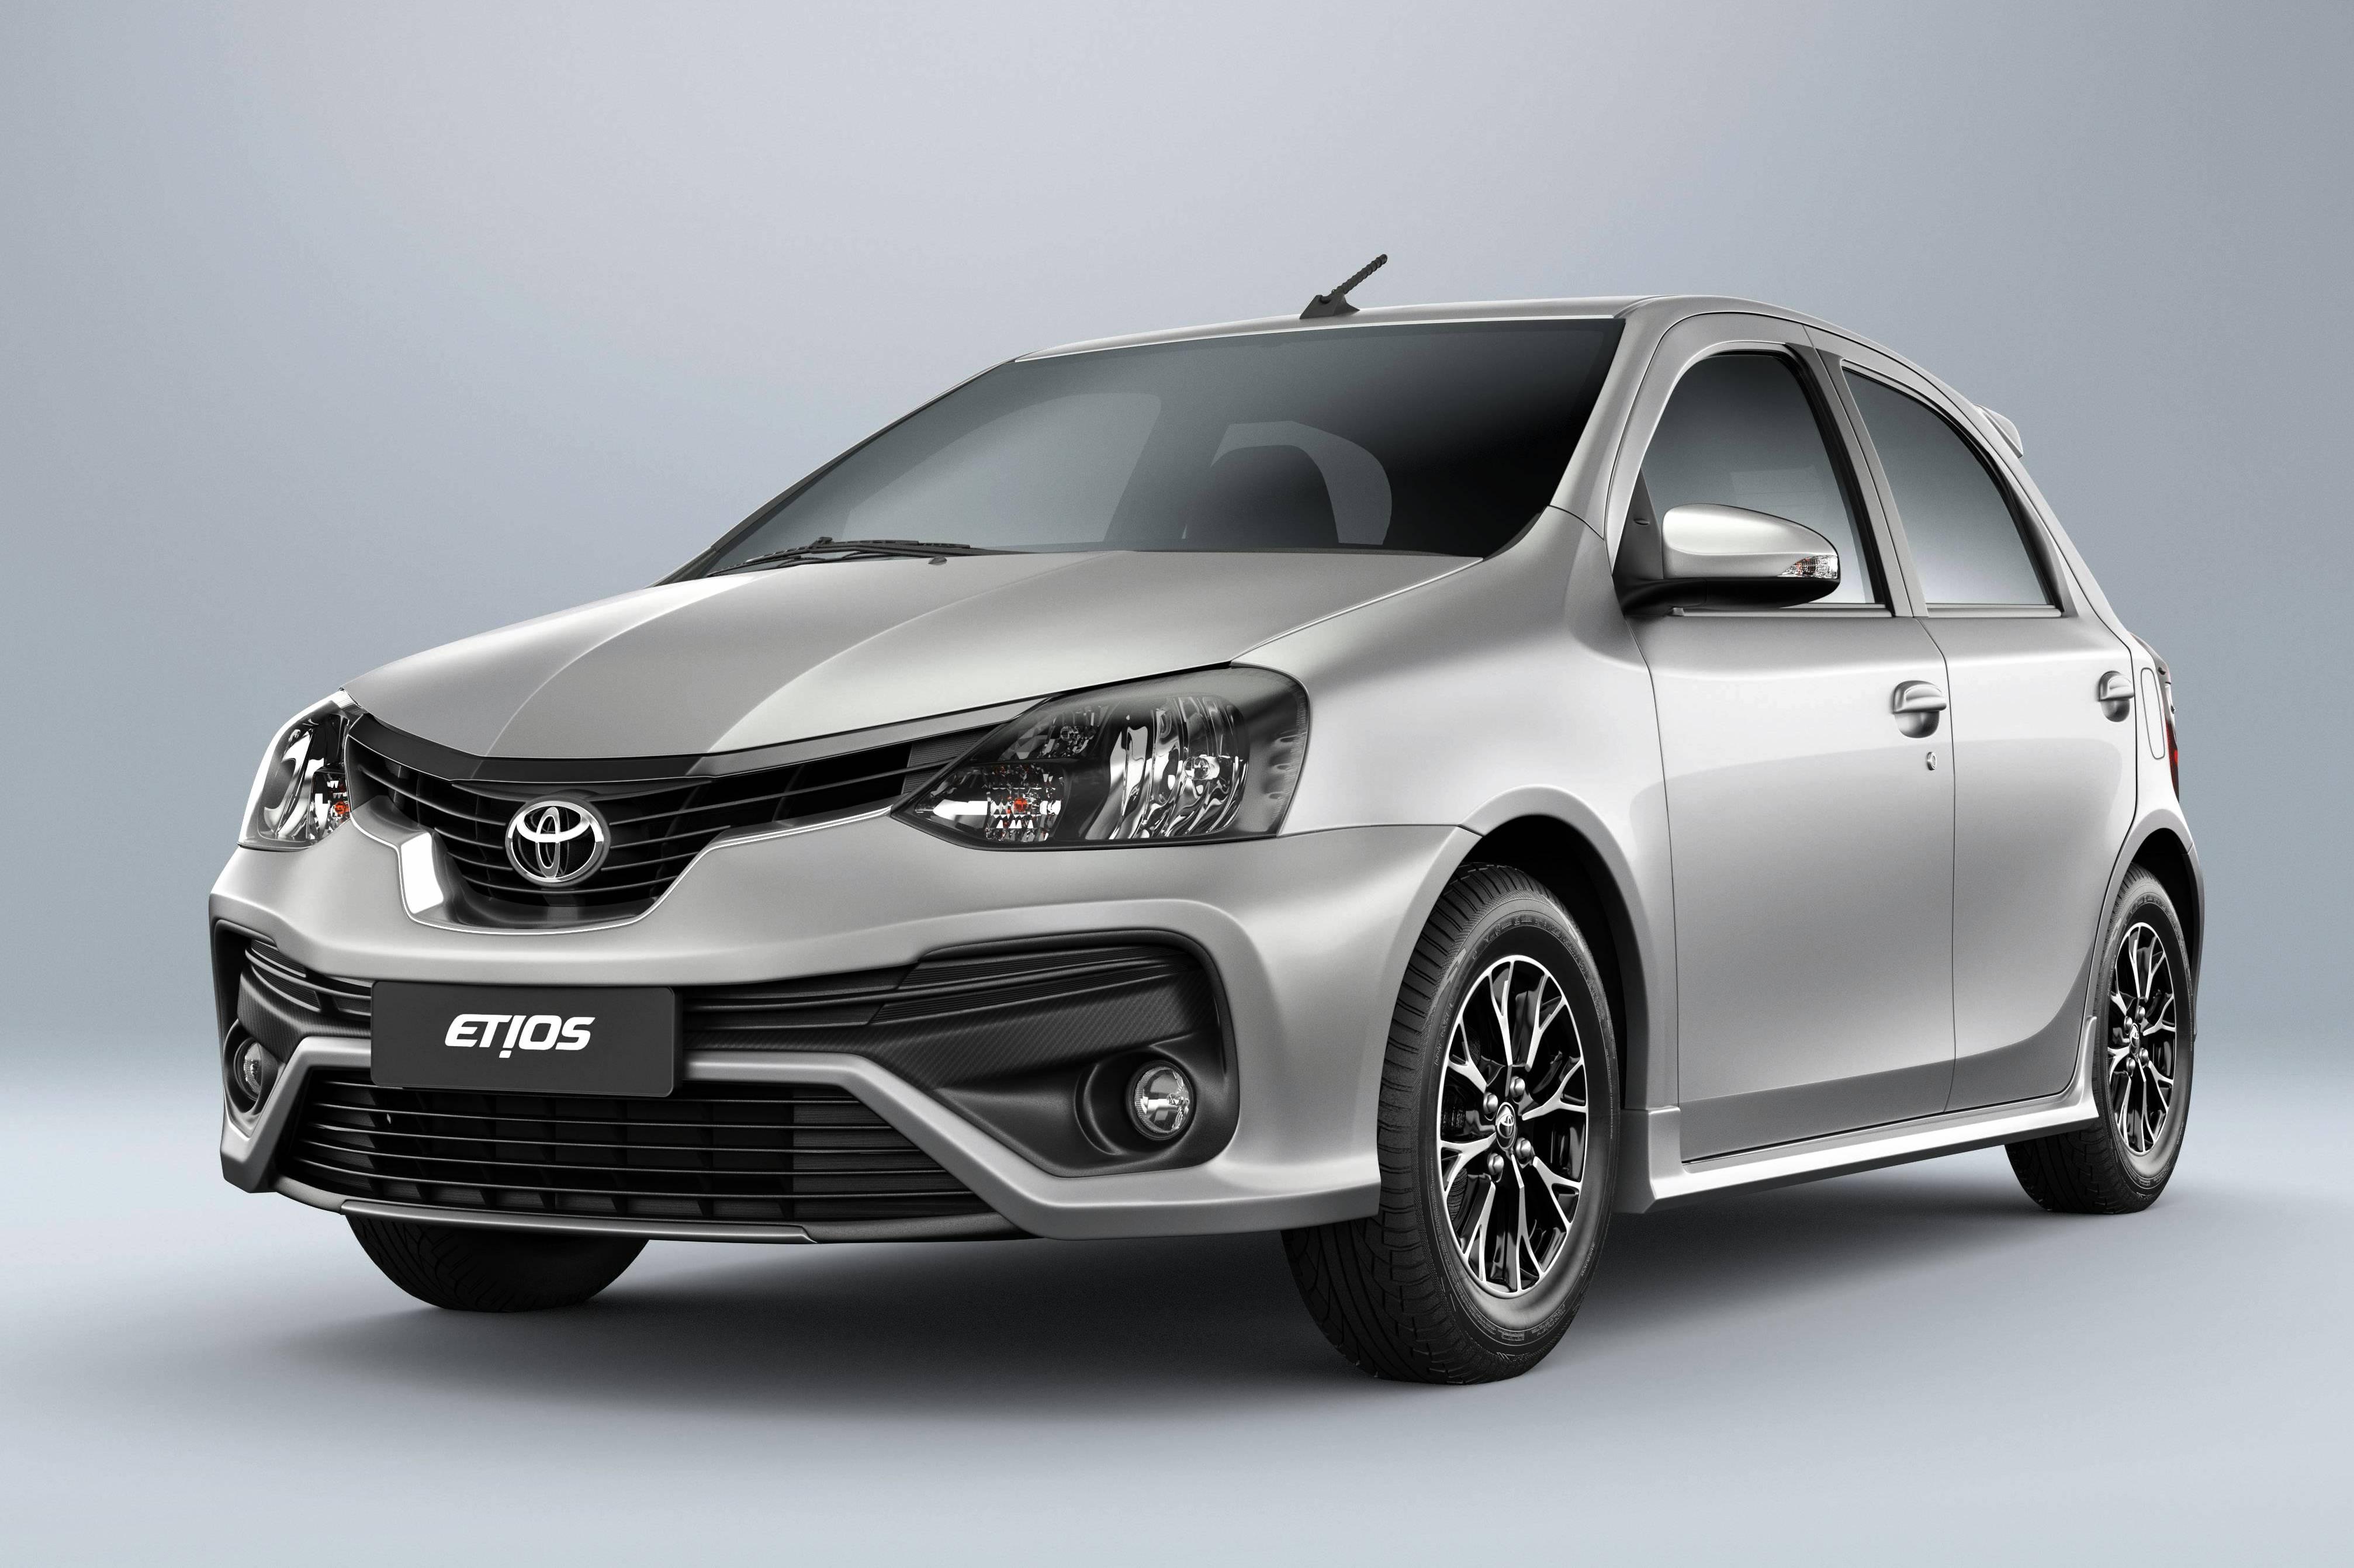 Toyota Etios X 1.3 prata estacionado na diagonal com fundo branco